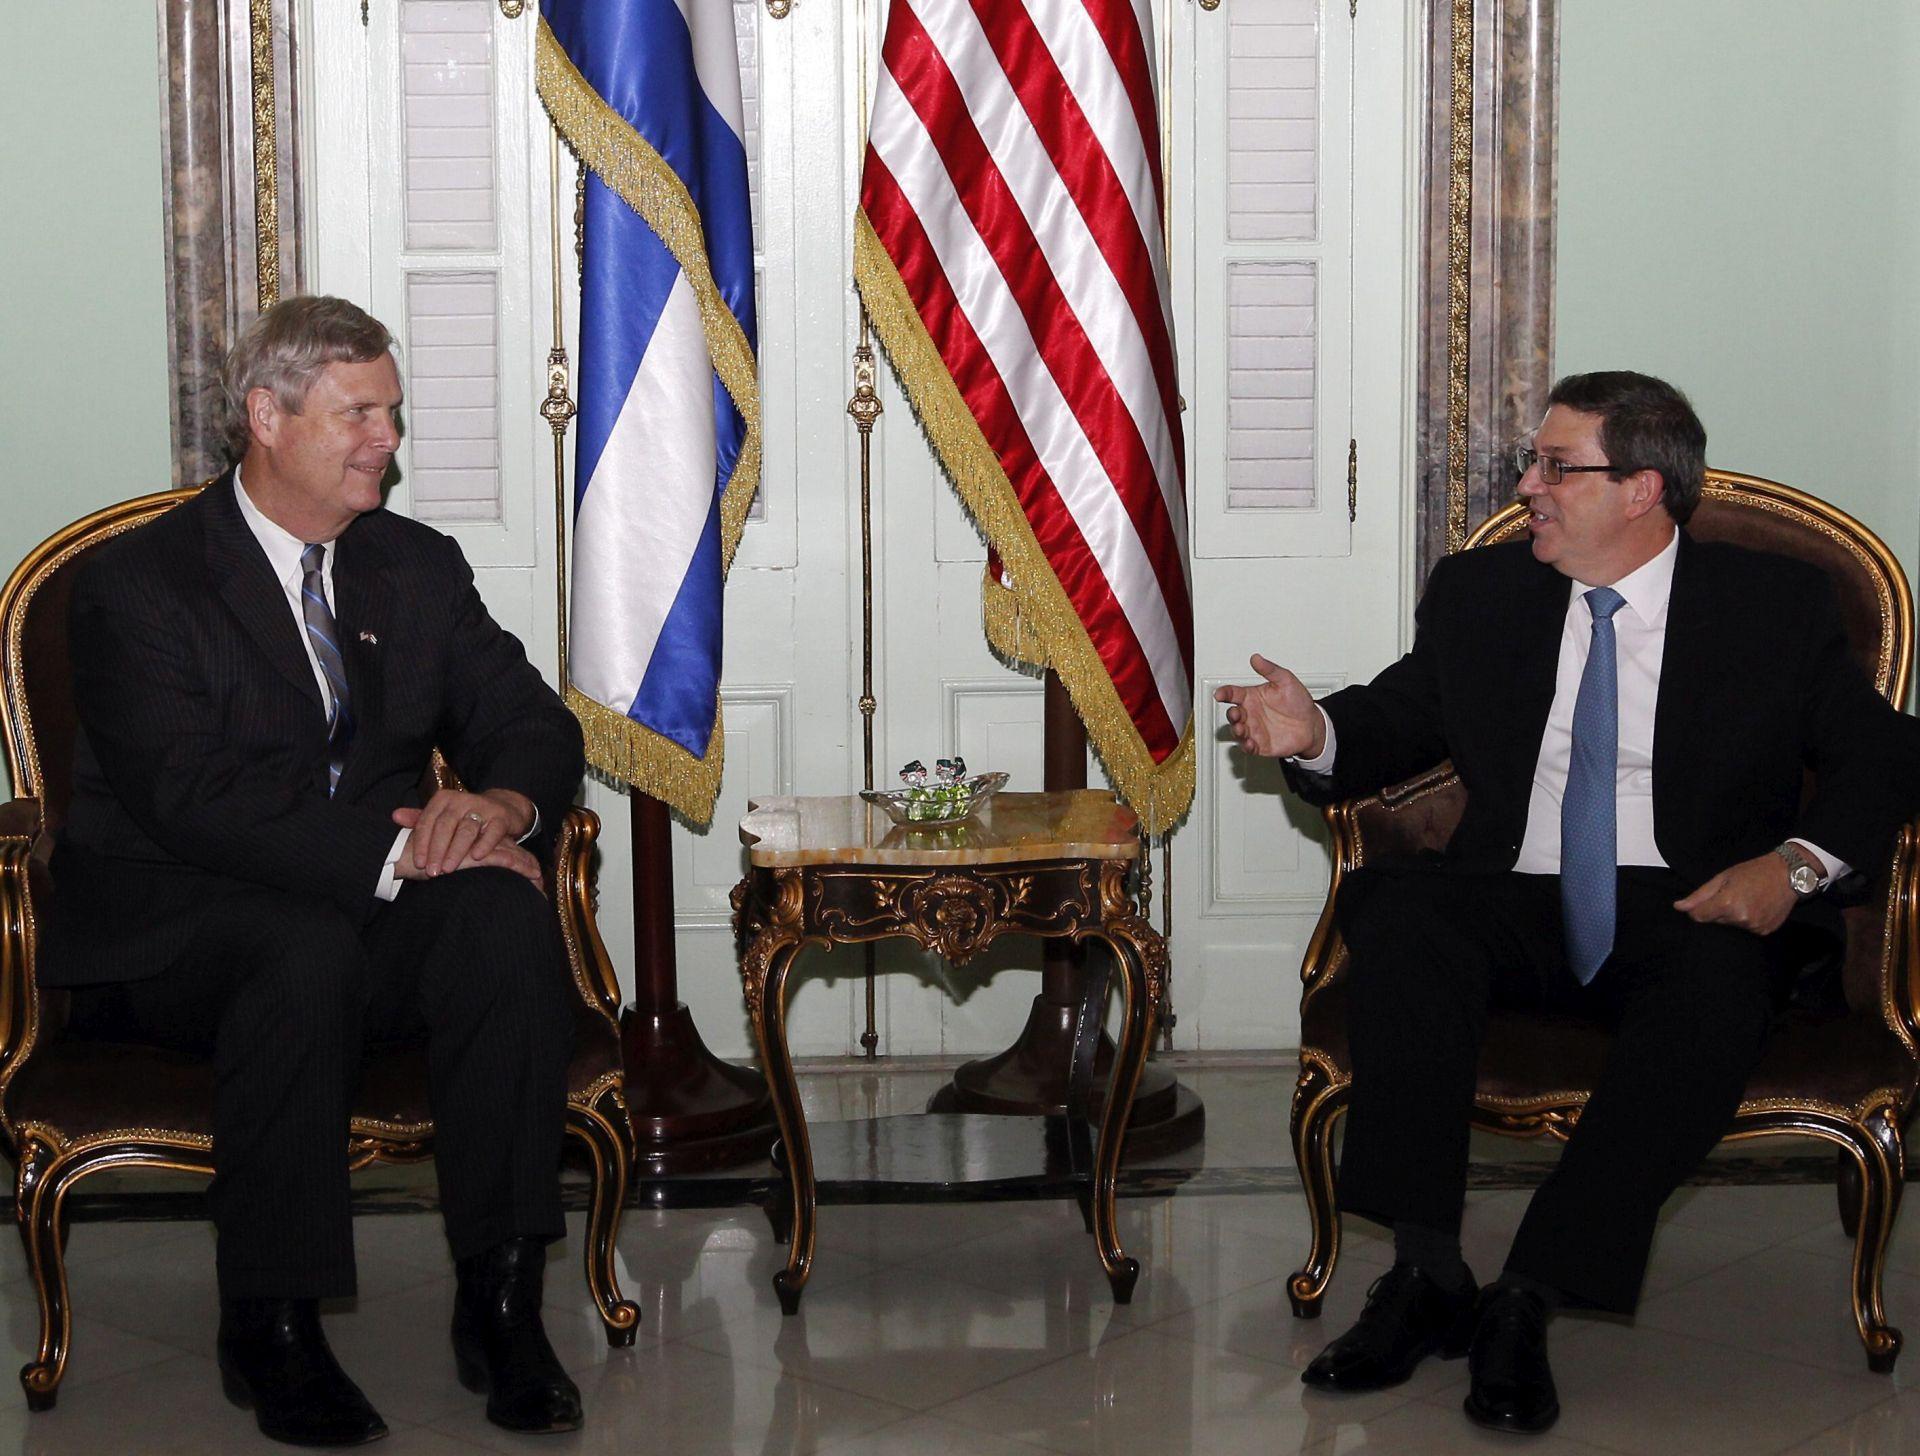 NAKON 50 GODINA: Kuba i SAD uspostavljaju izravnu poštansku službu